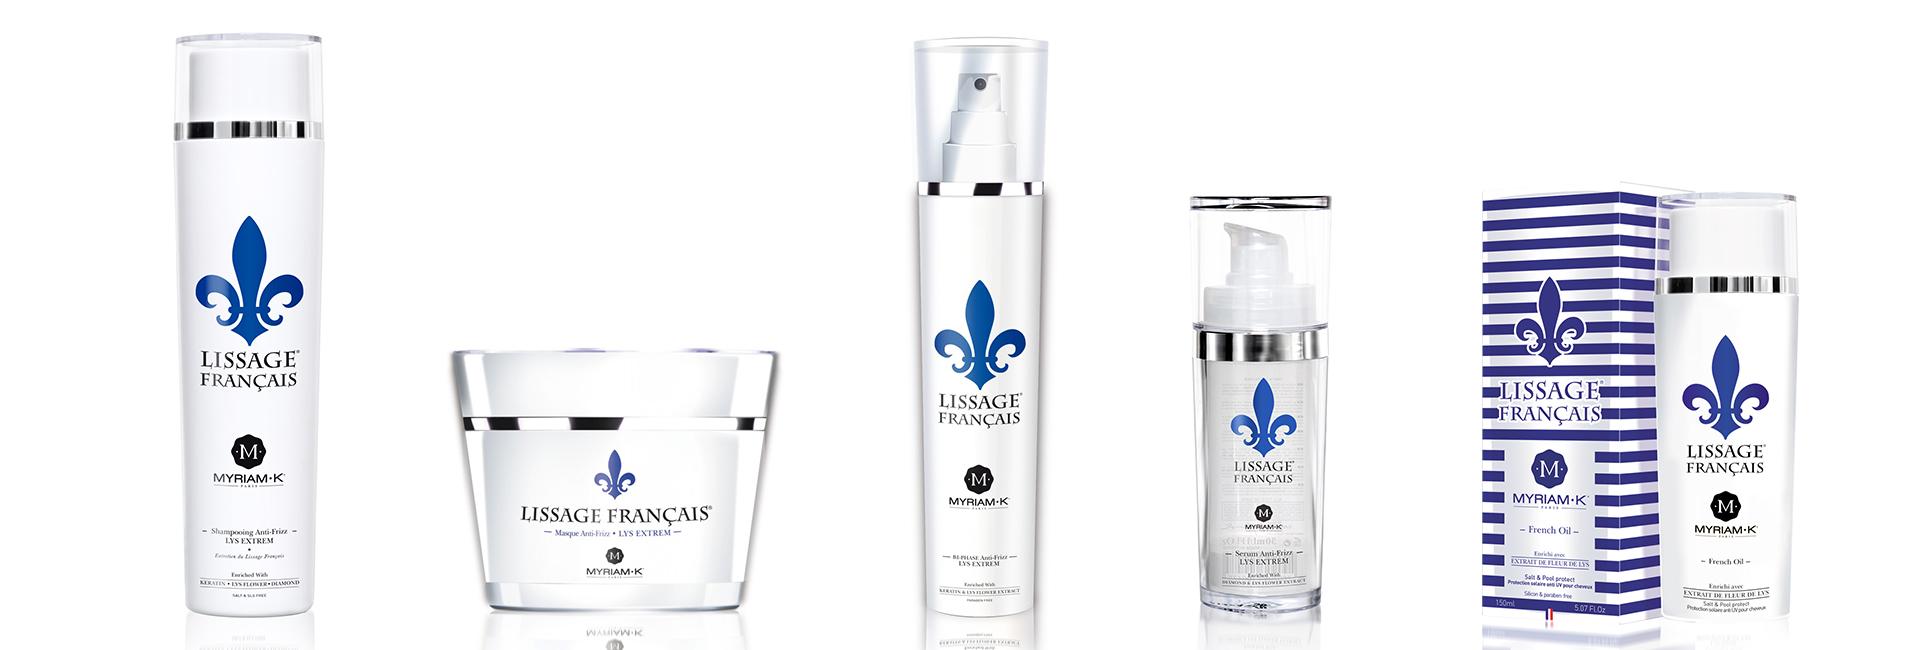 gamme-lissage-francais-myriam-k-capillaire-cheveux-blog-beaute-soin-parfum-homme